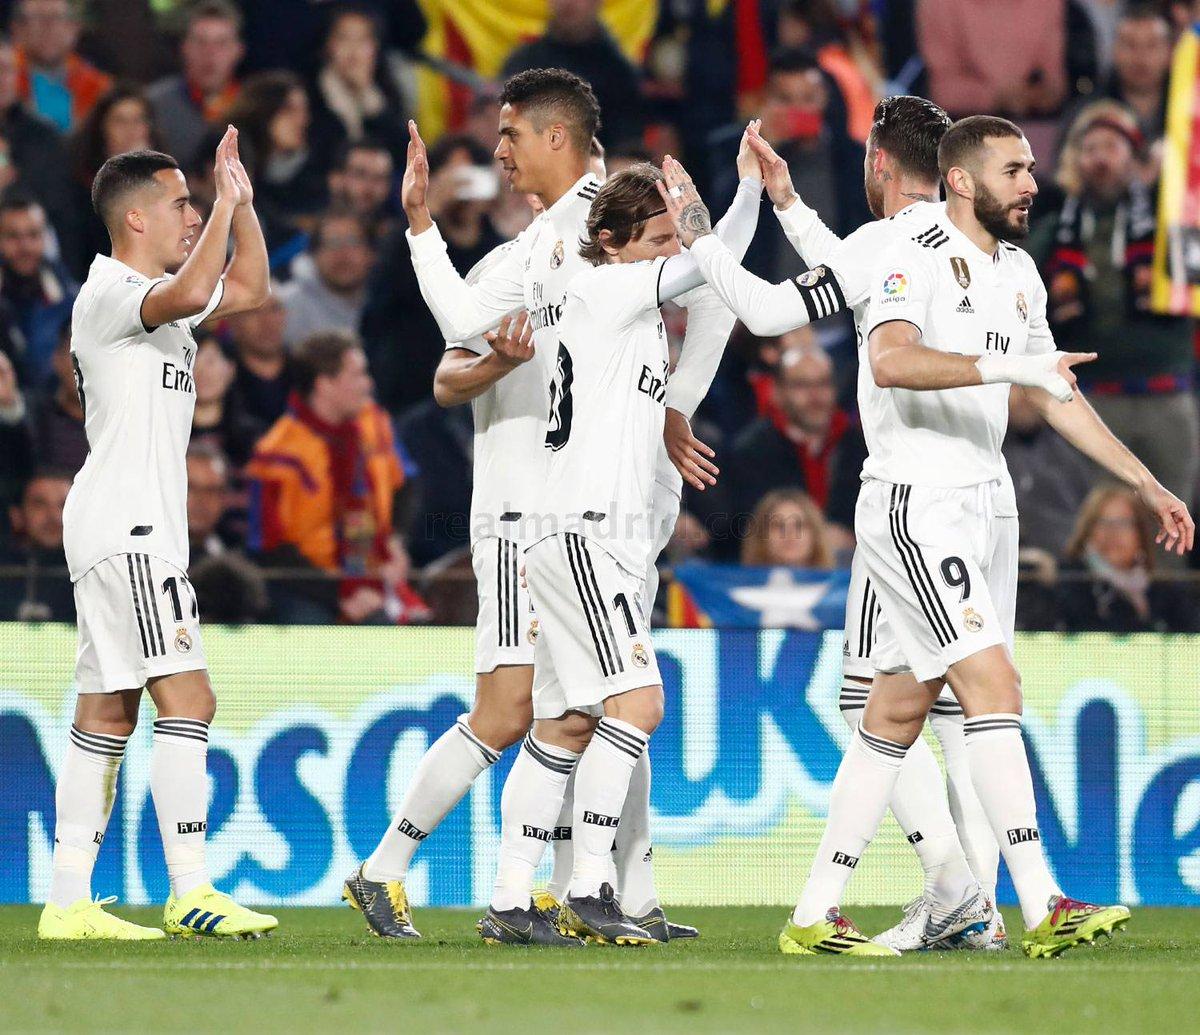 #BarcaRealMadrid 1-1 Partido de vuelta de las semifinales de la #CopaDelRey El @realmadrid y el @FCBarcelona_es lo dejan todo para la vuelta, aunque nuestro equipo parte con ventaja por el valor de los goles fuera de casa. El #EstadioSantiagoBernabéu dictará sentencia el día 27.